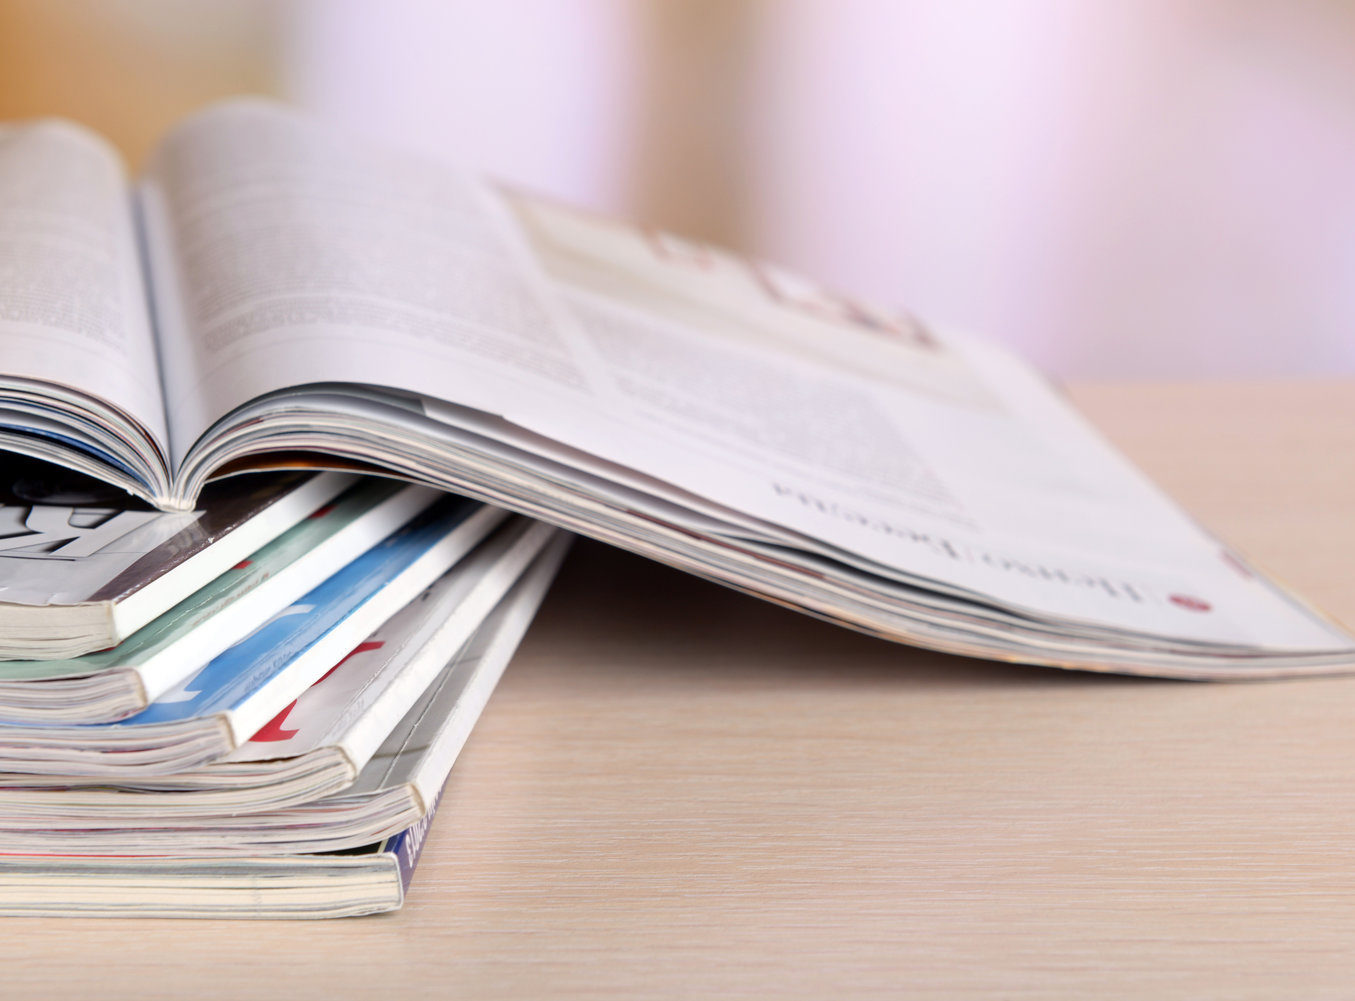 Анонс: готовится к выпуску новый номер журнала ЭПОС